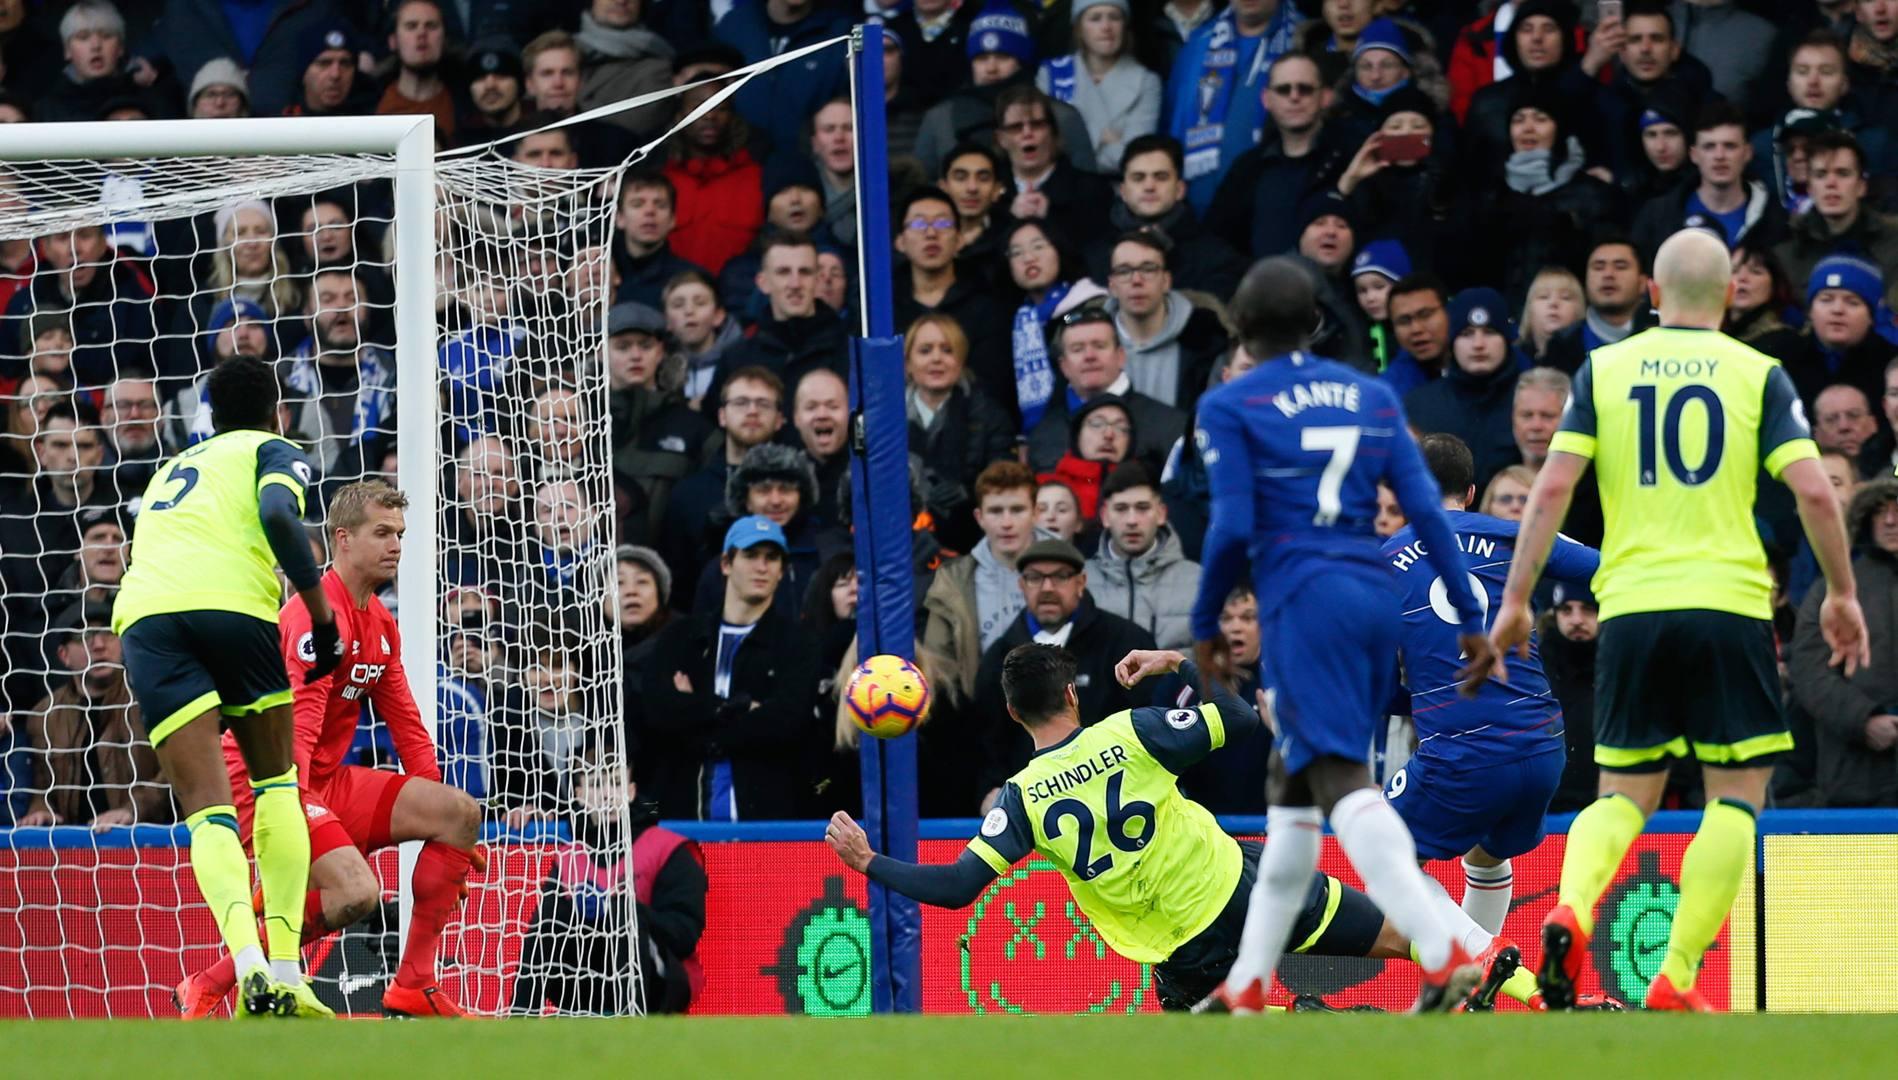 Il destro sul primo palo con cui Gonzalo Higuain ha segnato il gol del vantaggio contro l'Huddersfield. Afp